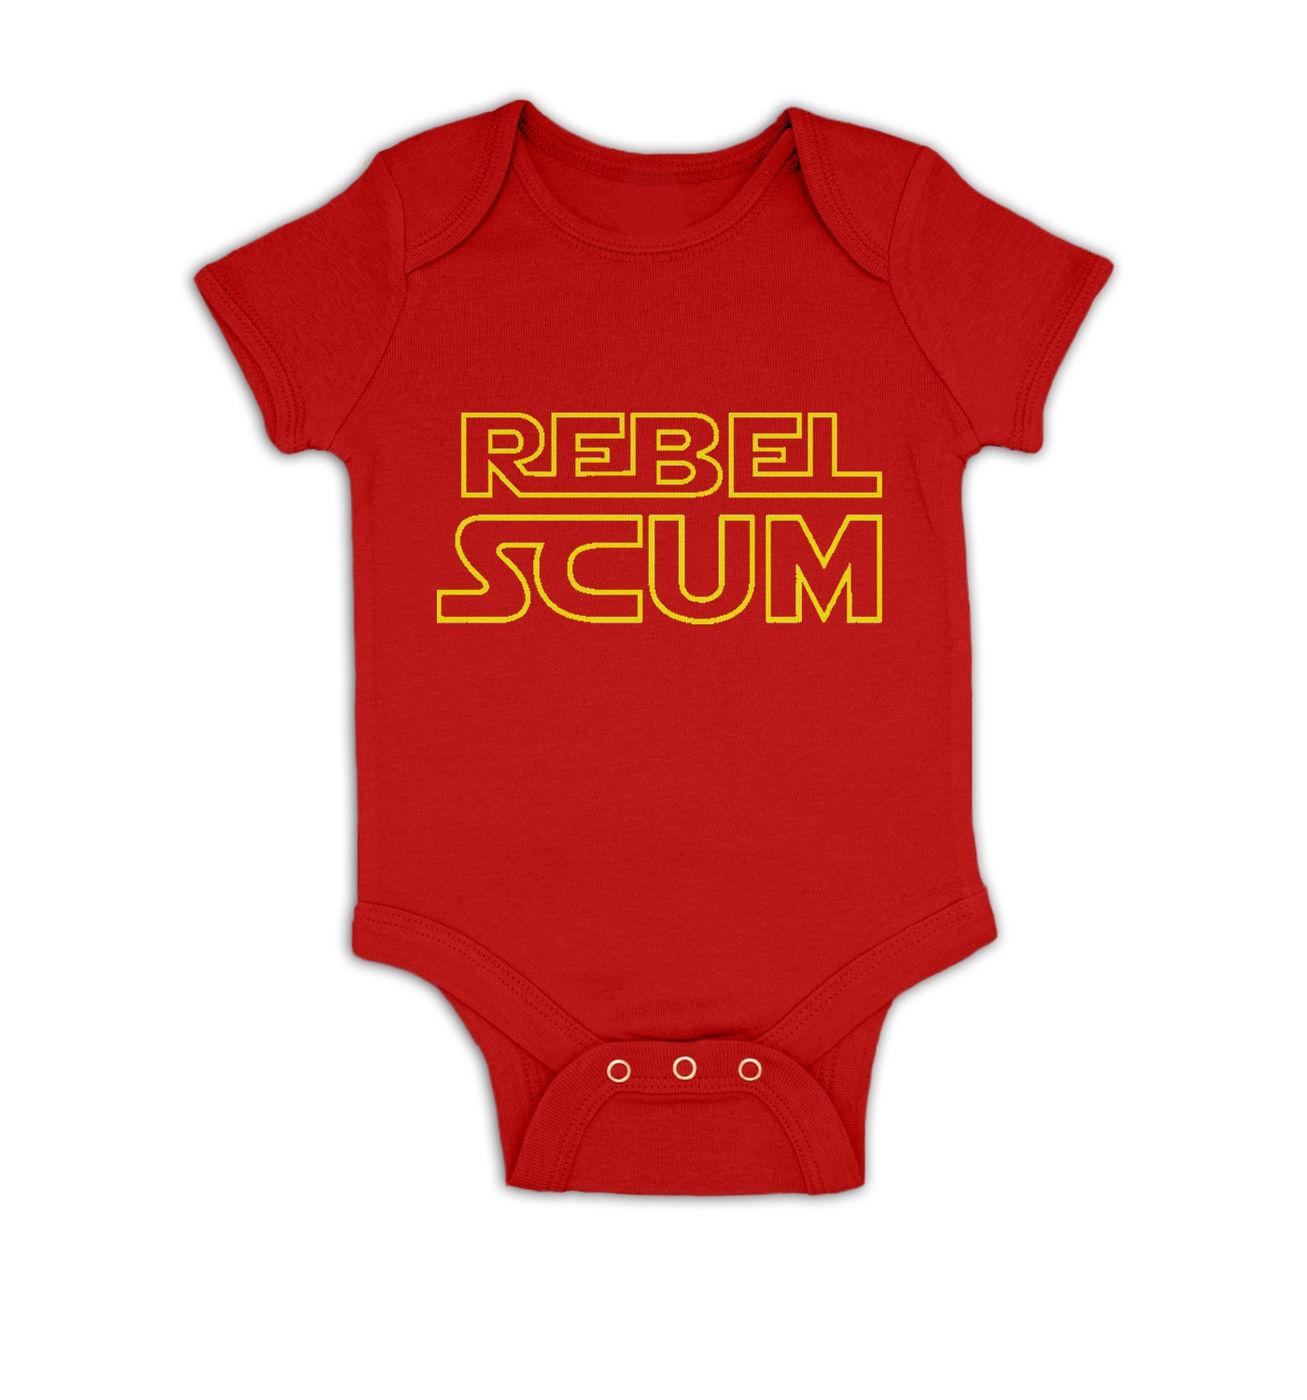 Rebel Scum baby grow